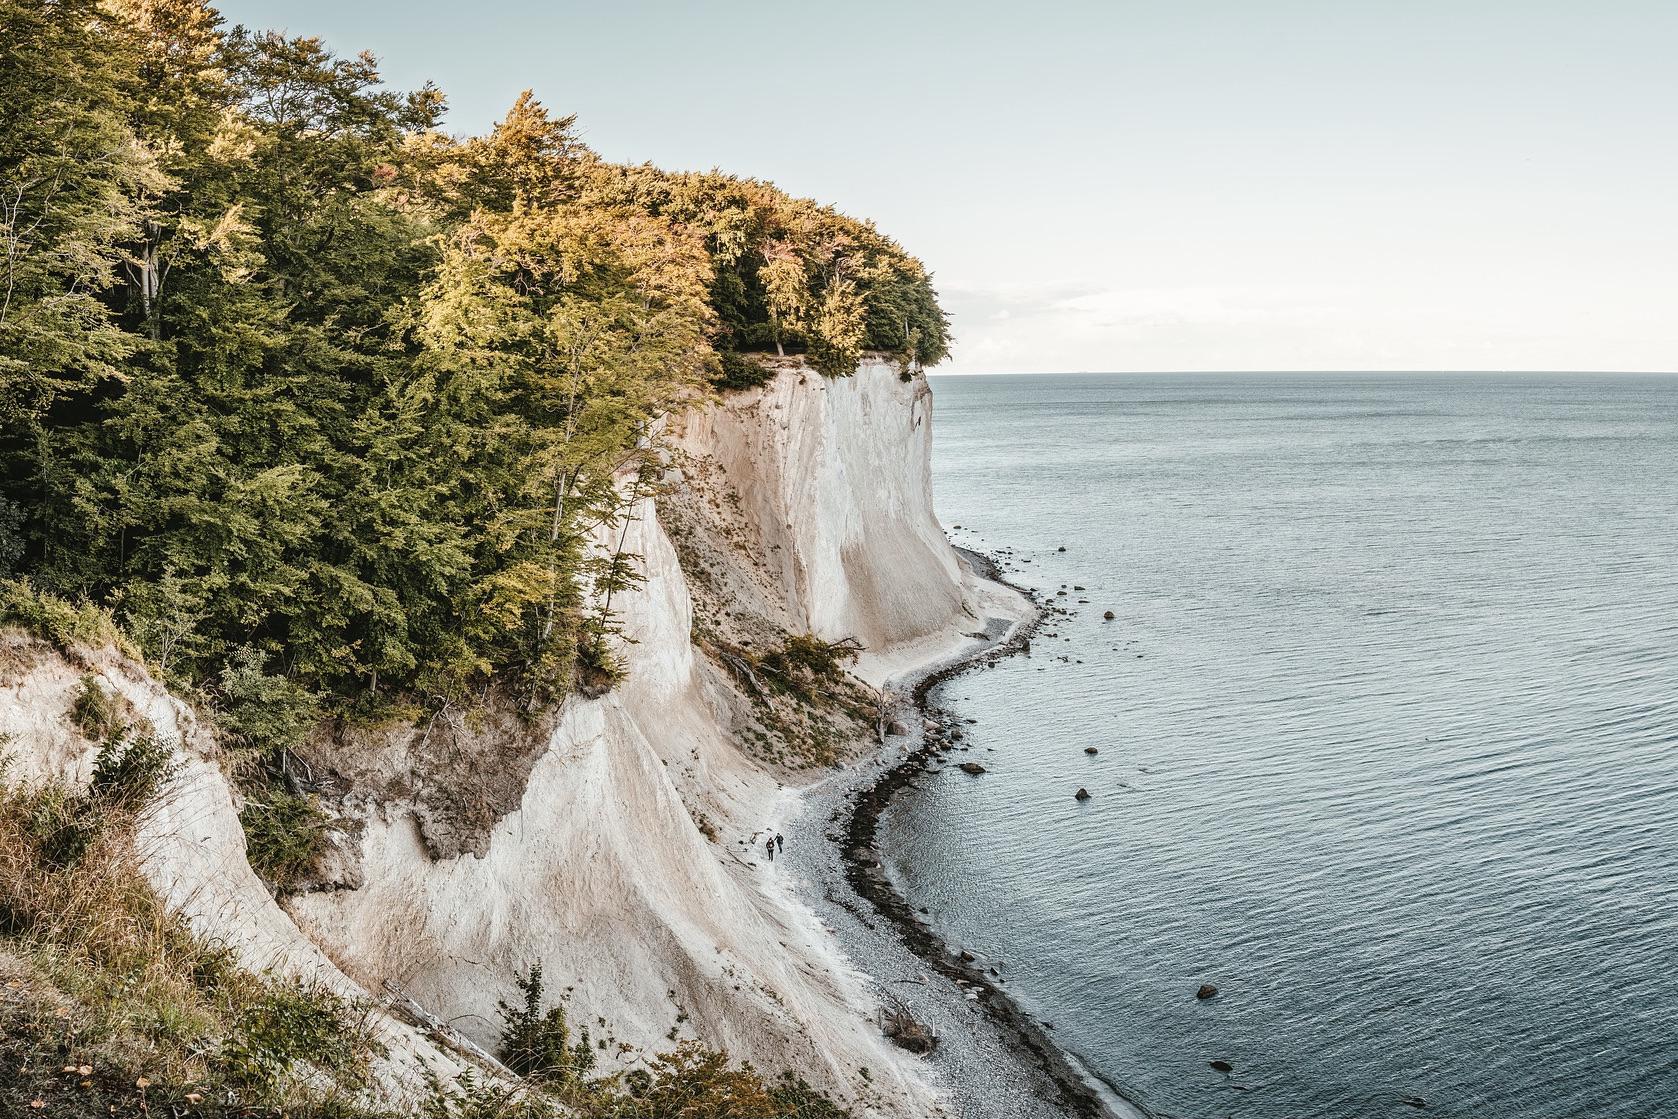 Rügens Kreidefelsen sind eine große Sehenswürdigkeit in Mecklenburg-Vorpommern